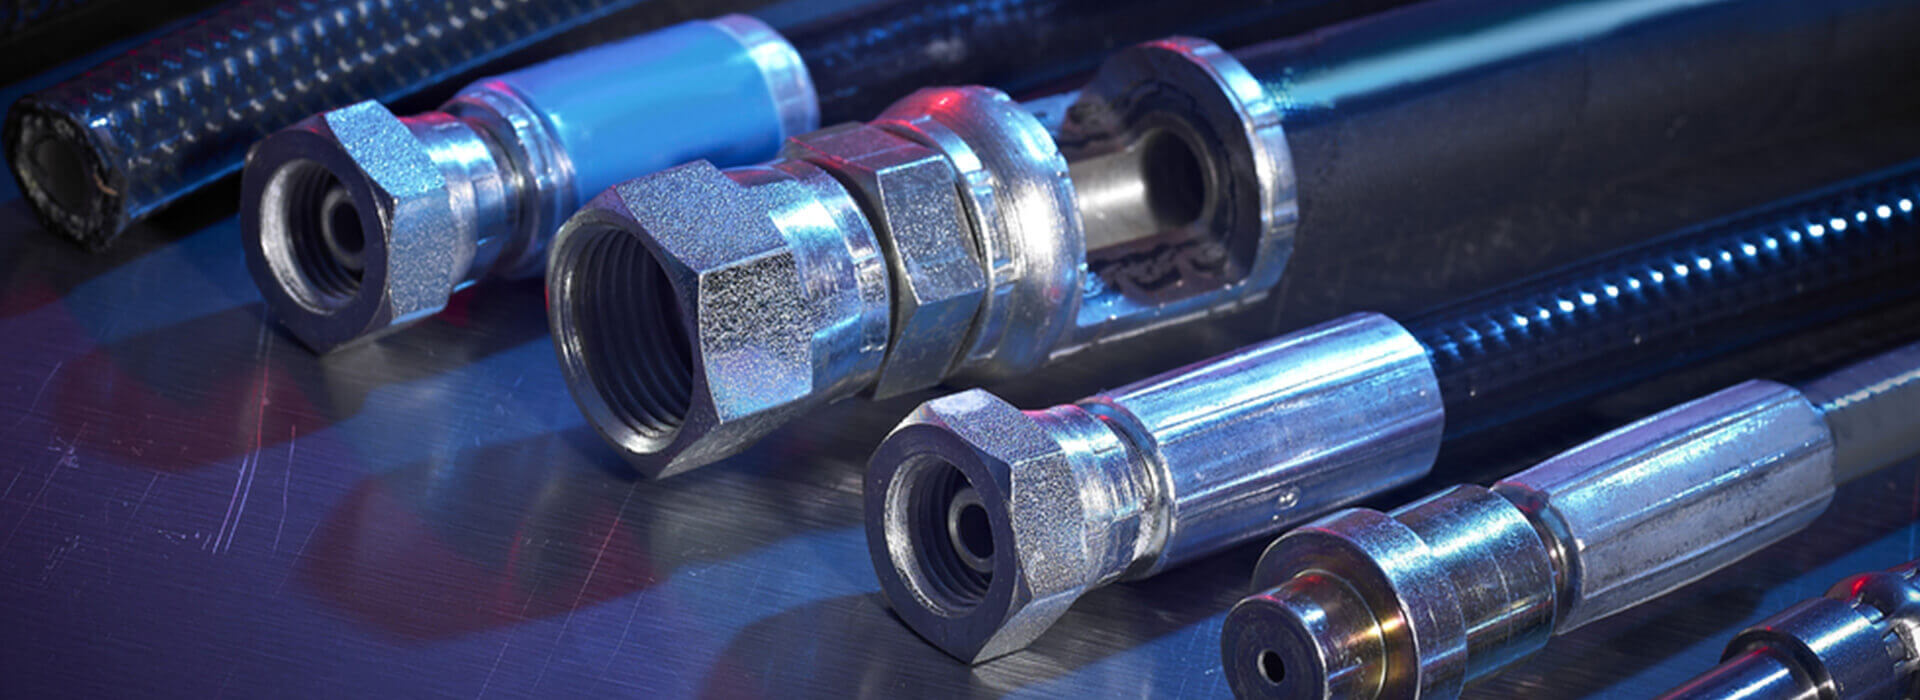 zakuwanie węzy hydraulicznych